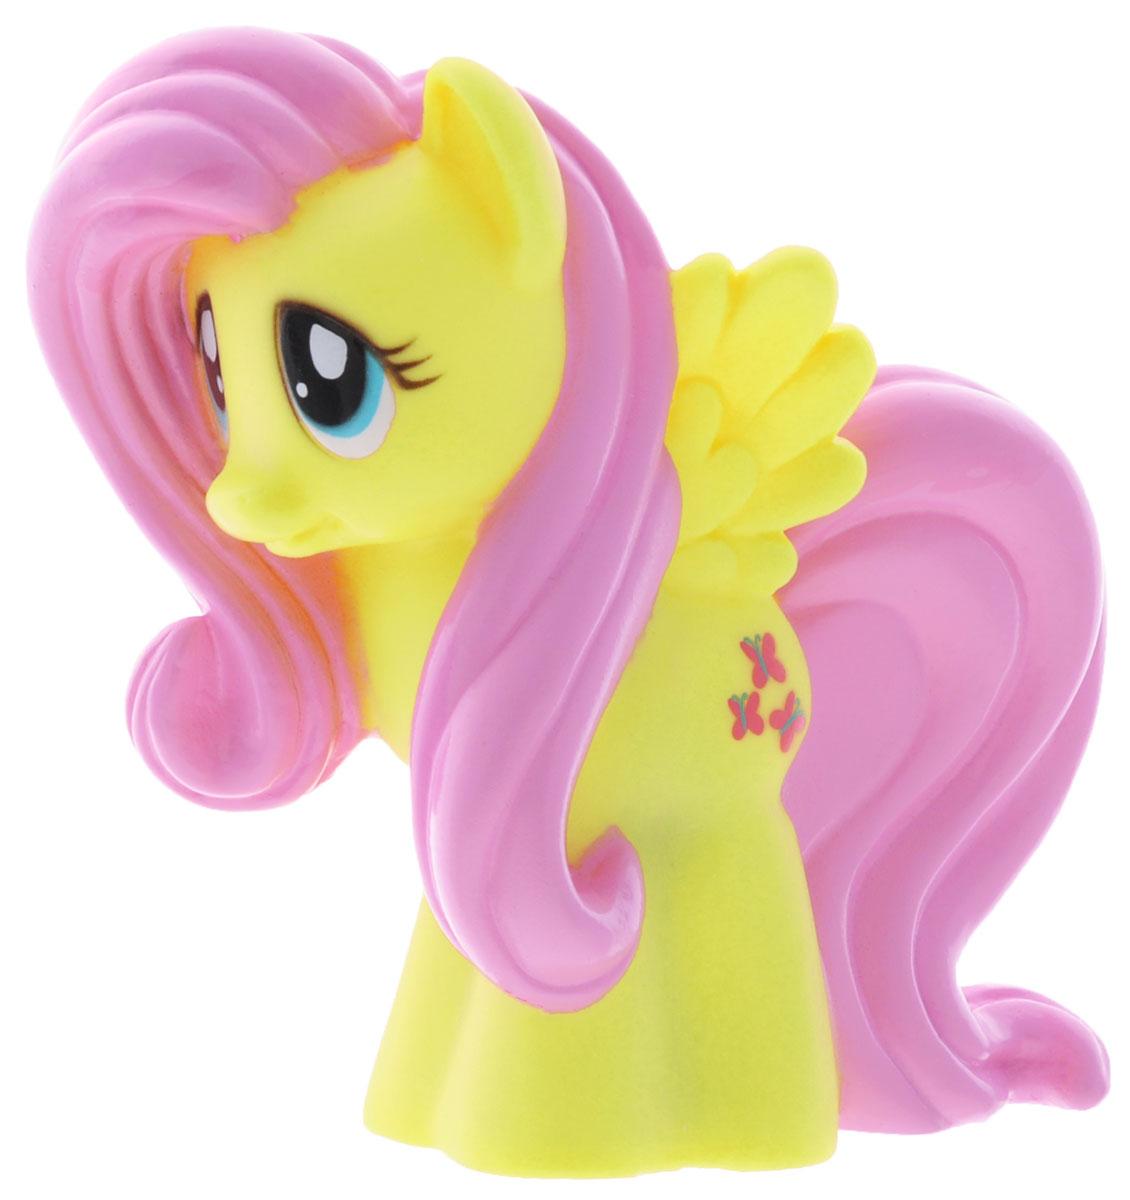 My Little Pony Игрушка для ванны Пони ФлаттершайGT8611Яркая игрушка для ванны My Little Pony Пони Флаттершай, с которой вашему малышу не придется расставаться даже в ванной. Она способна превратить купание в сплошное удовольствие. Выполнена из прочных и безопасных материалов. Представлена в виде забавной пони Fluttershy. Игрушка водонепроницаема, поэтому, как только пони попадет в воду, она начнет светиться, а также ребенок услышит песенку и фразы голосом персонажа. С такой игрушкой ребенок может развивать мелкую моторику рук, концентрацию внимания и даже воображение. Порадуйте свою малышку такой милой игрушкой!